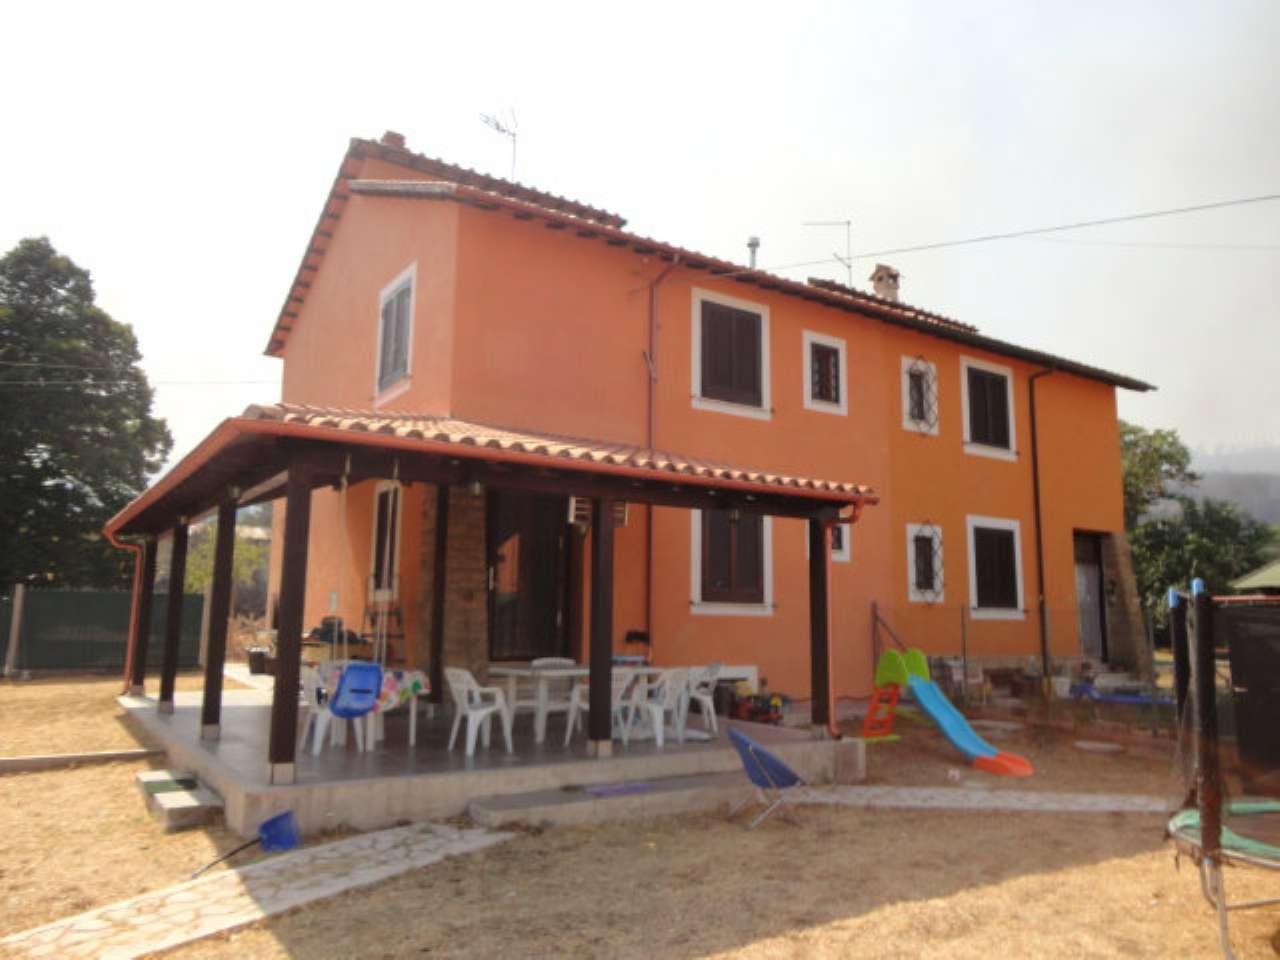 Soluzione Indipendente in vendita a Nazzano, 5 locali, prezzo € 140.000   CambioCasa.it